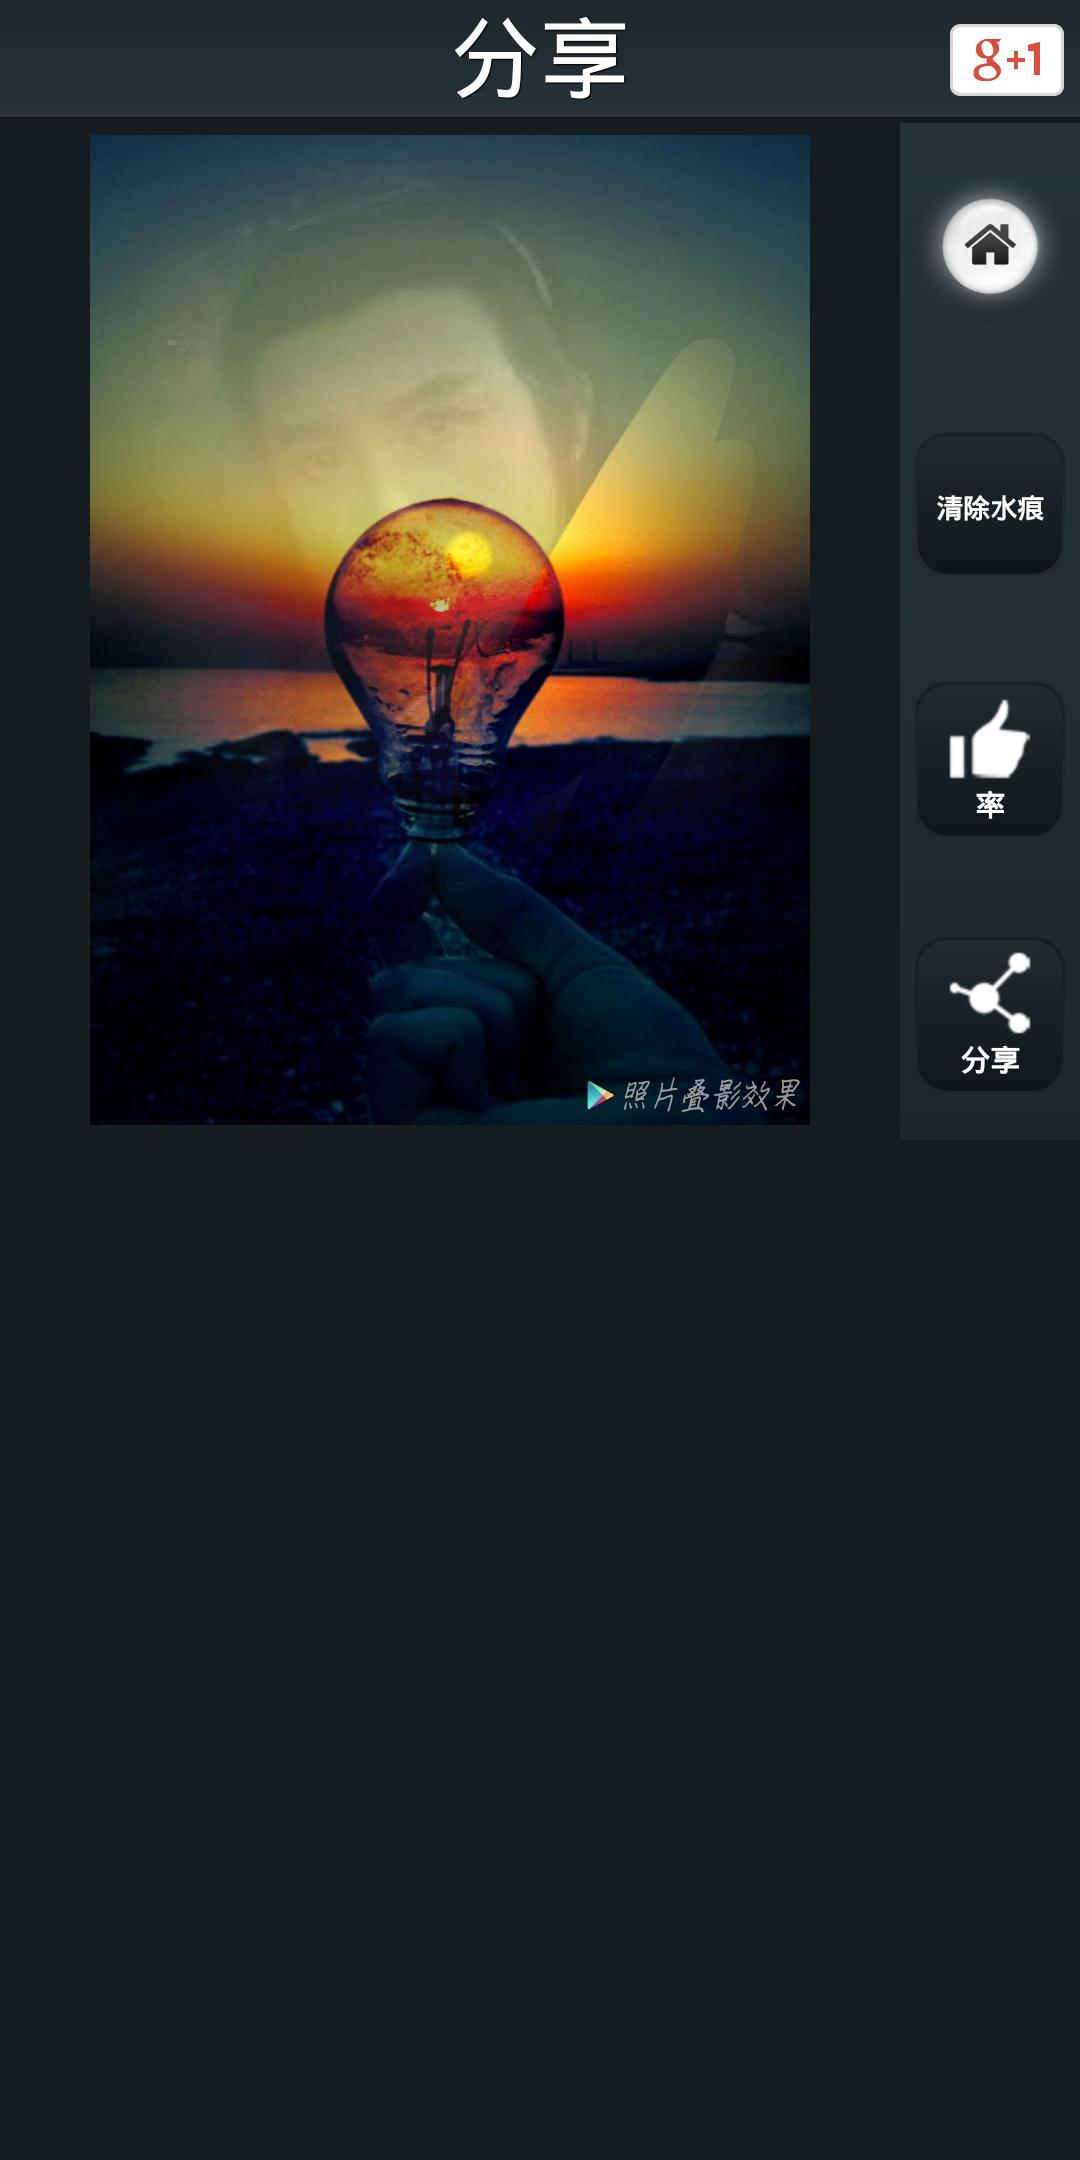 Screenshot_20180411_225309.jpg